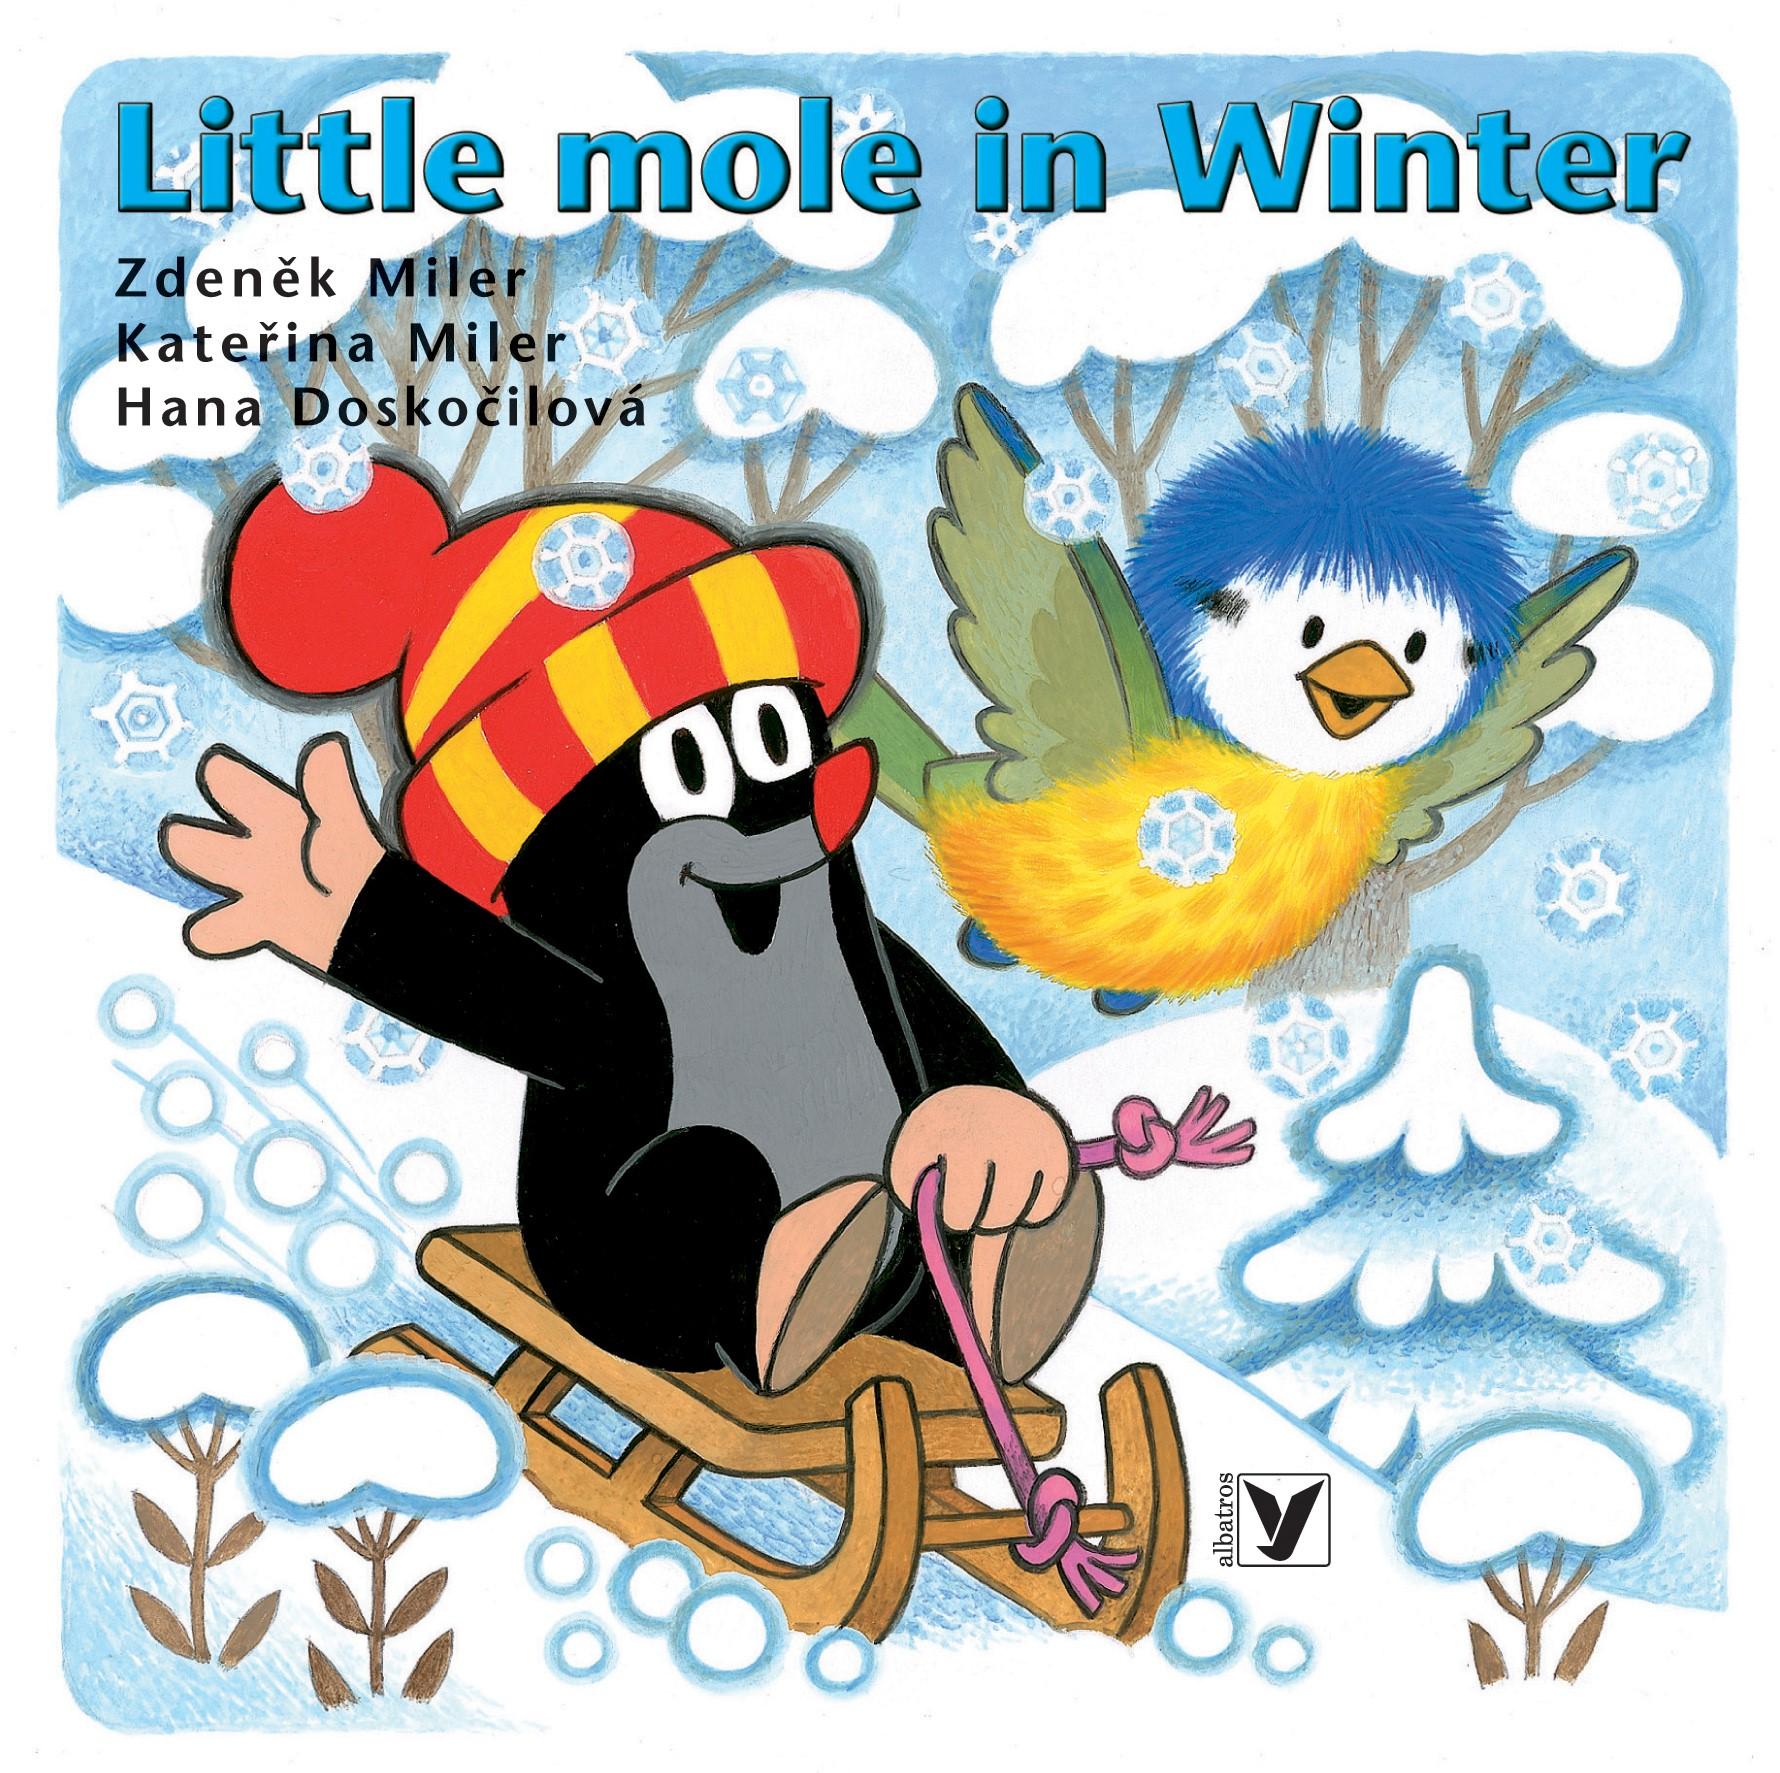 LITTLE MOLE IN WINTER